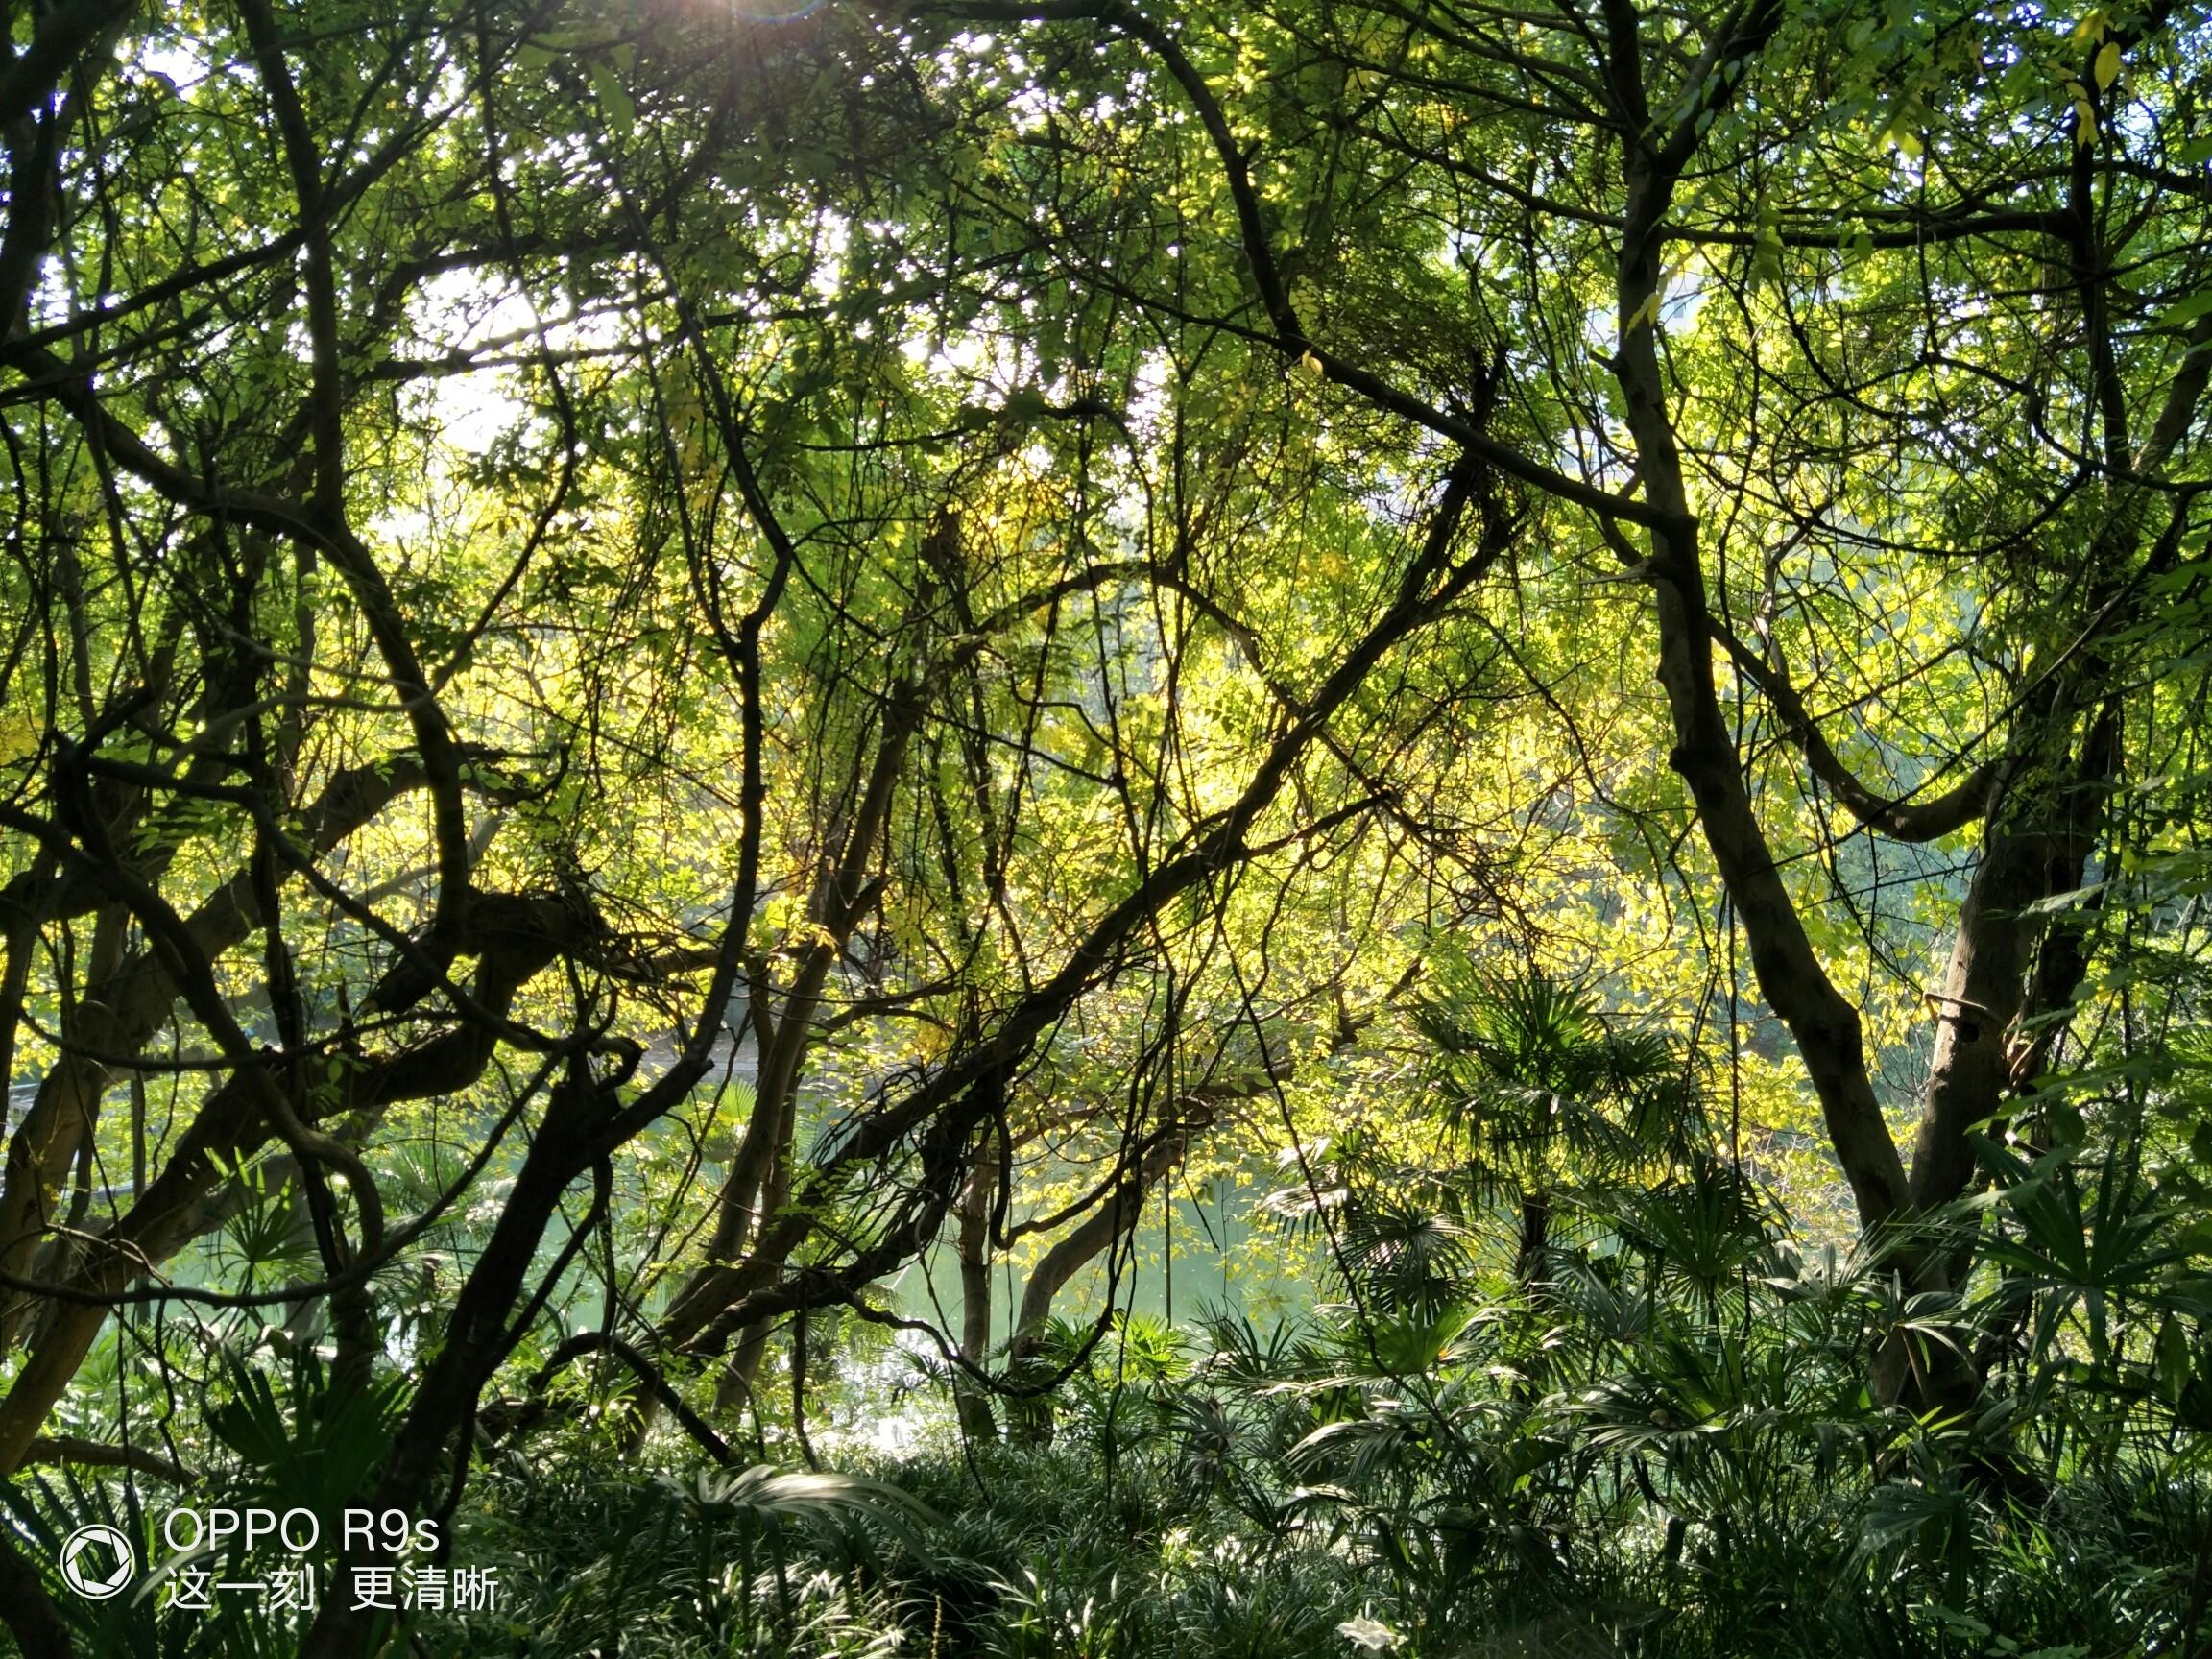 老树枯藤乌鸦,小桥流水人家.